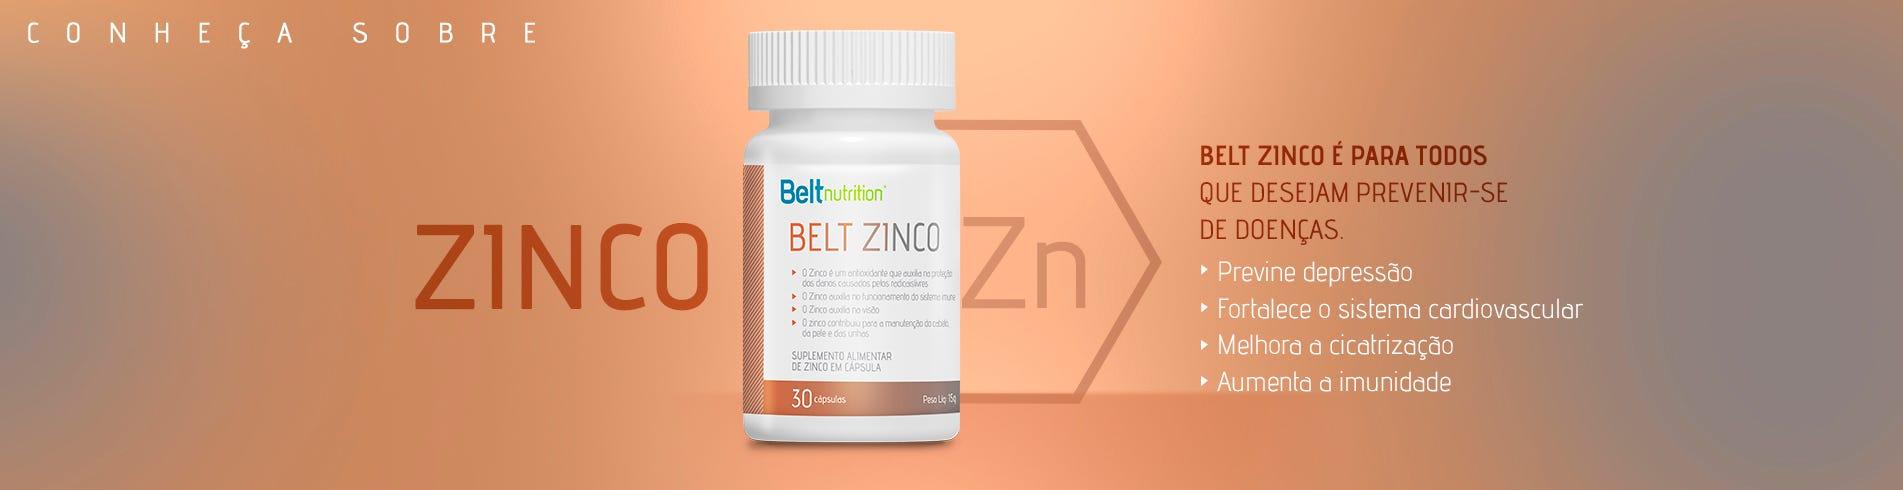 Belt Zinco (novo)